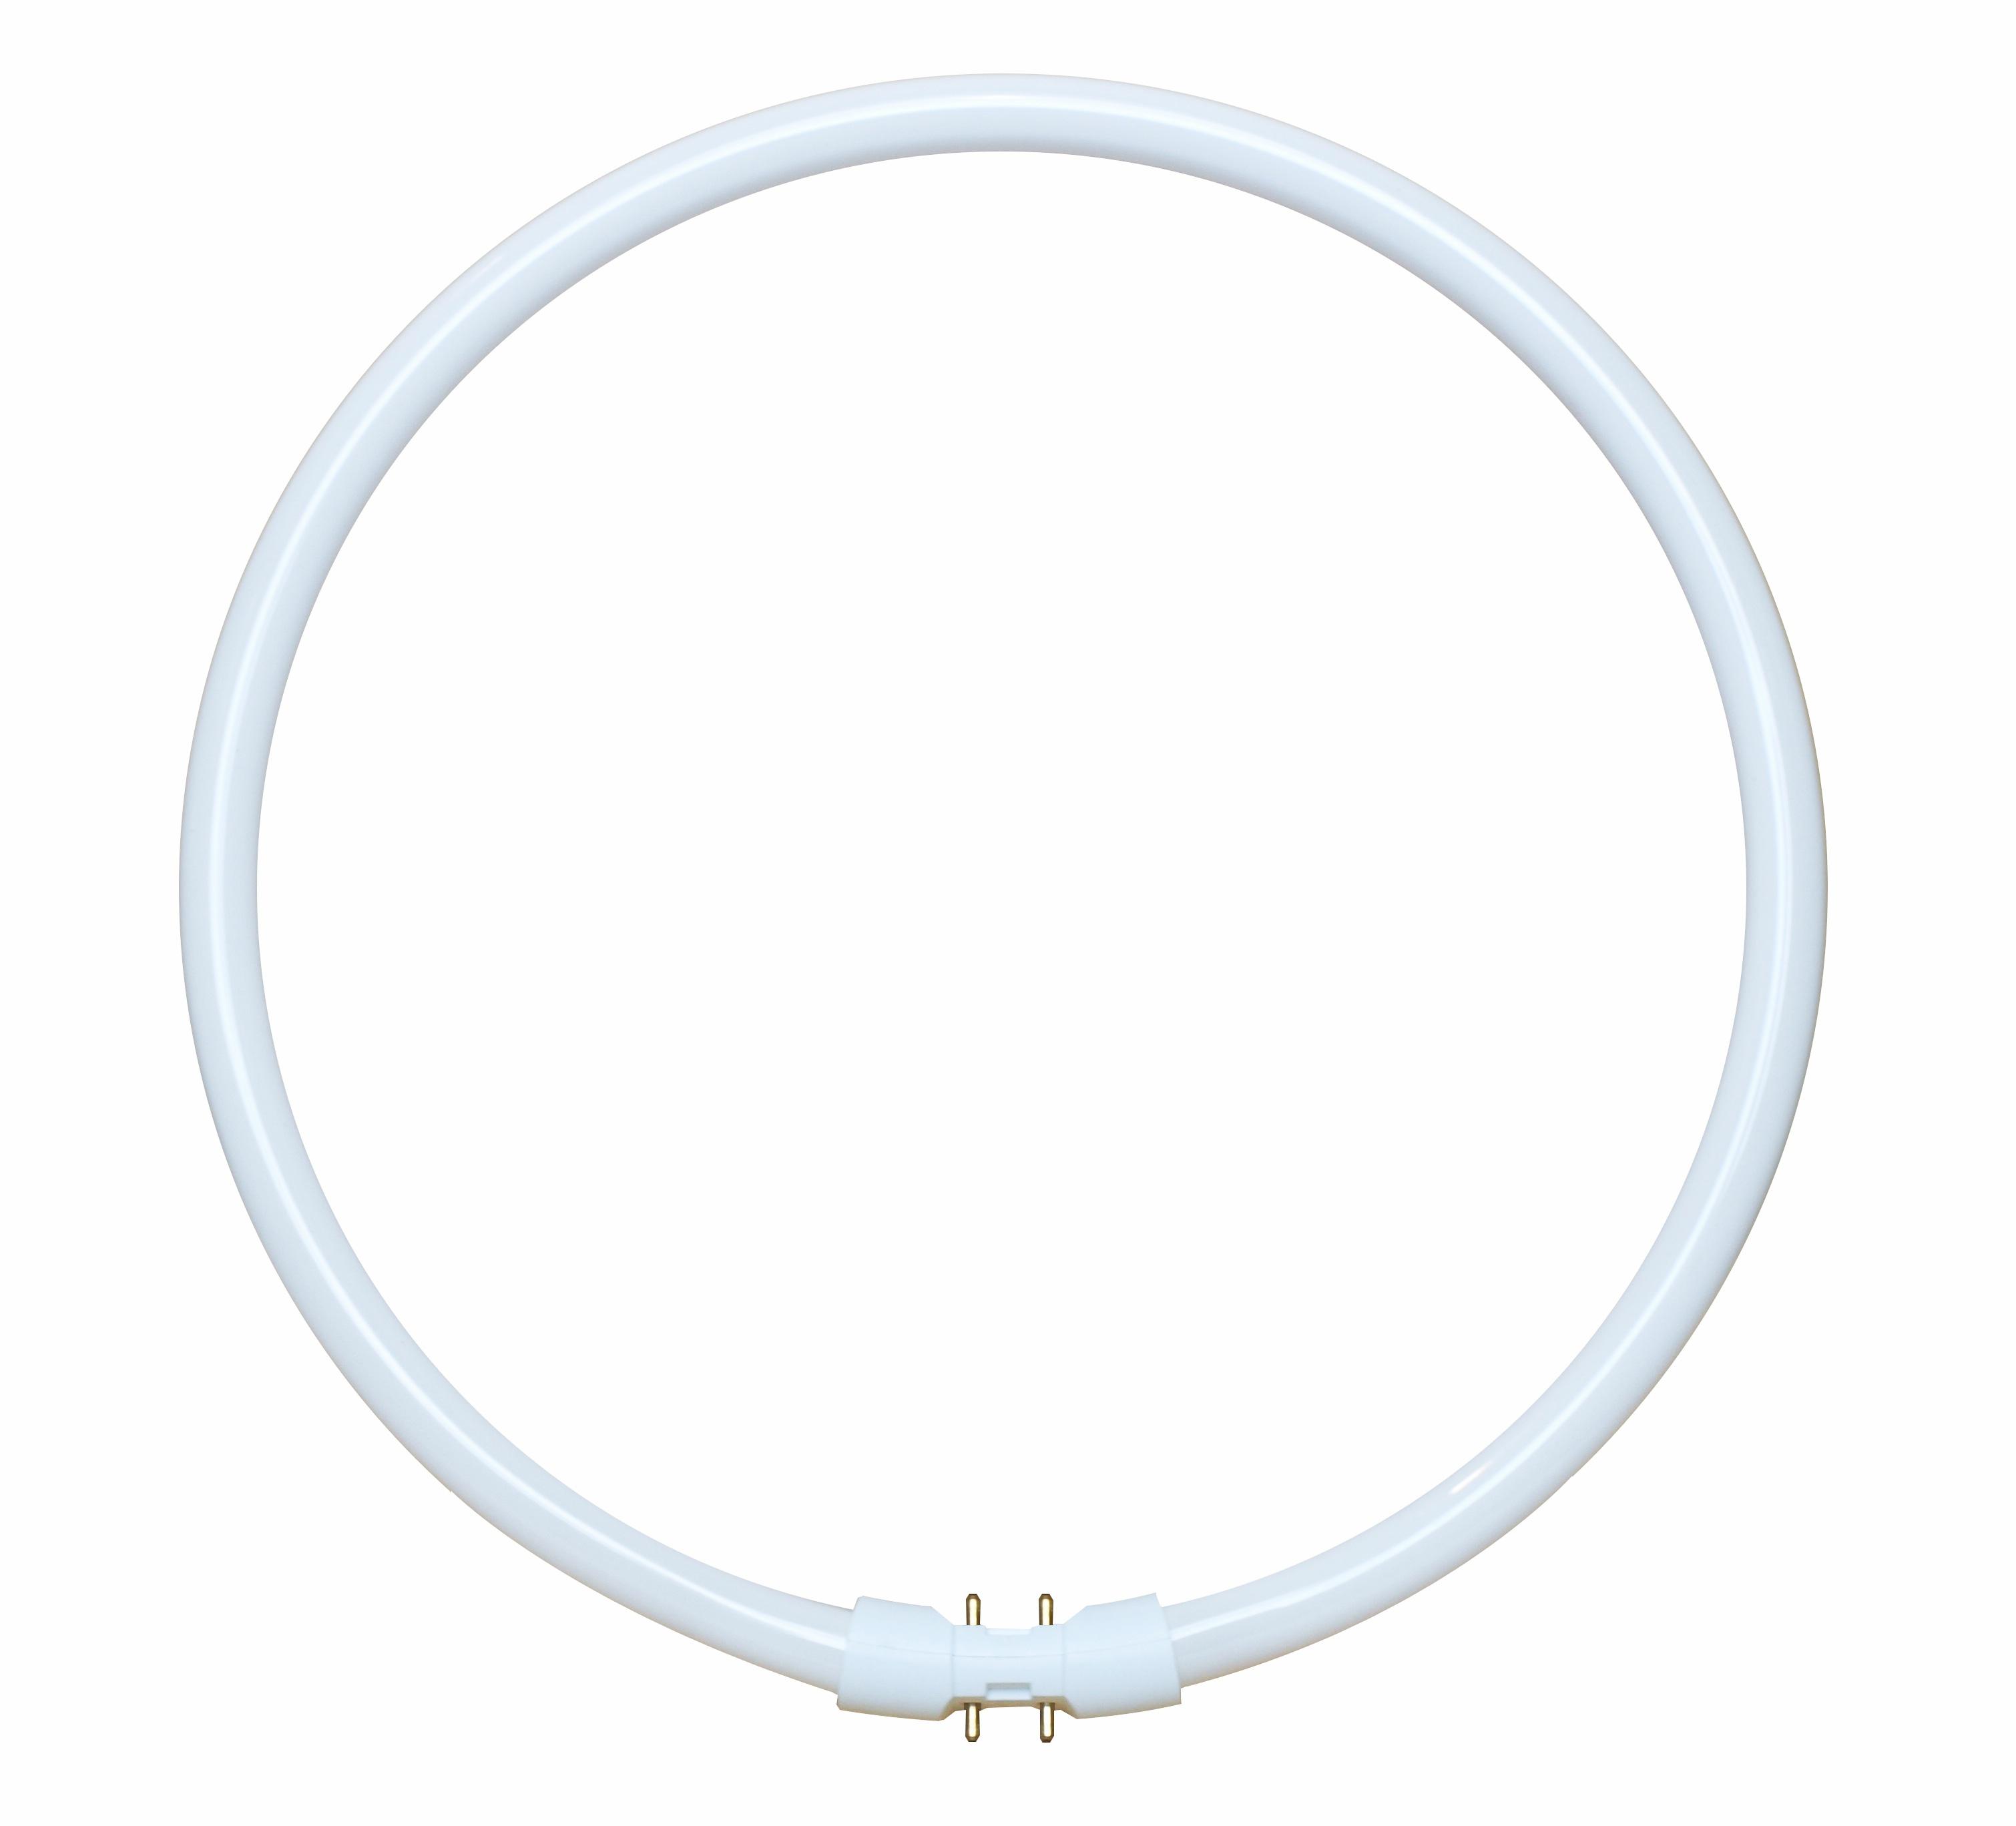 1 Stk T16-R 55W/830 2GX13 Leuchtstofflampe kreisförmig LI5W528601